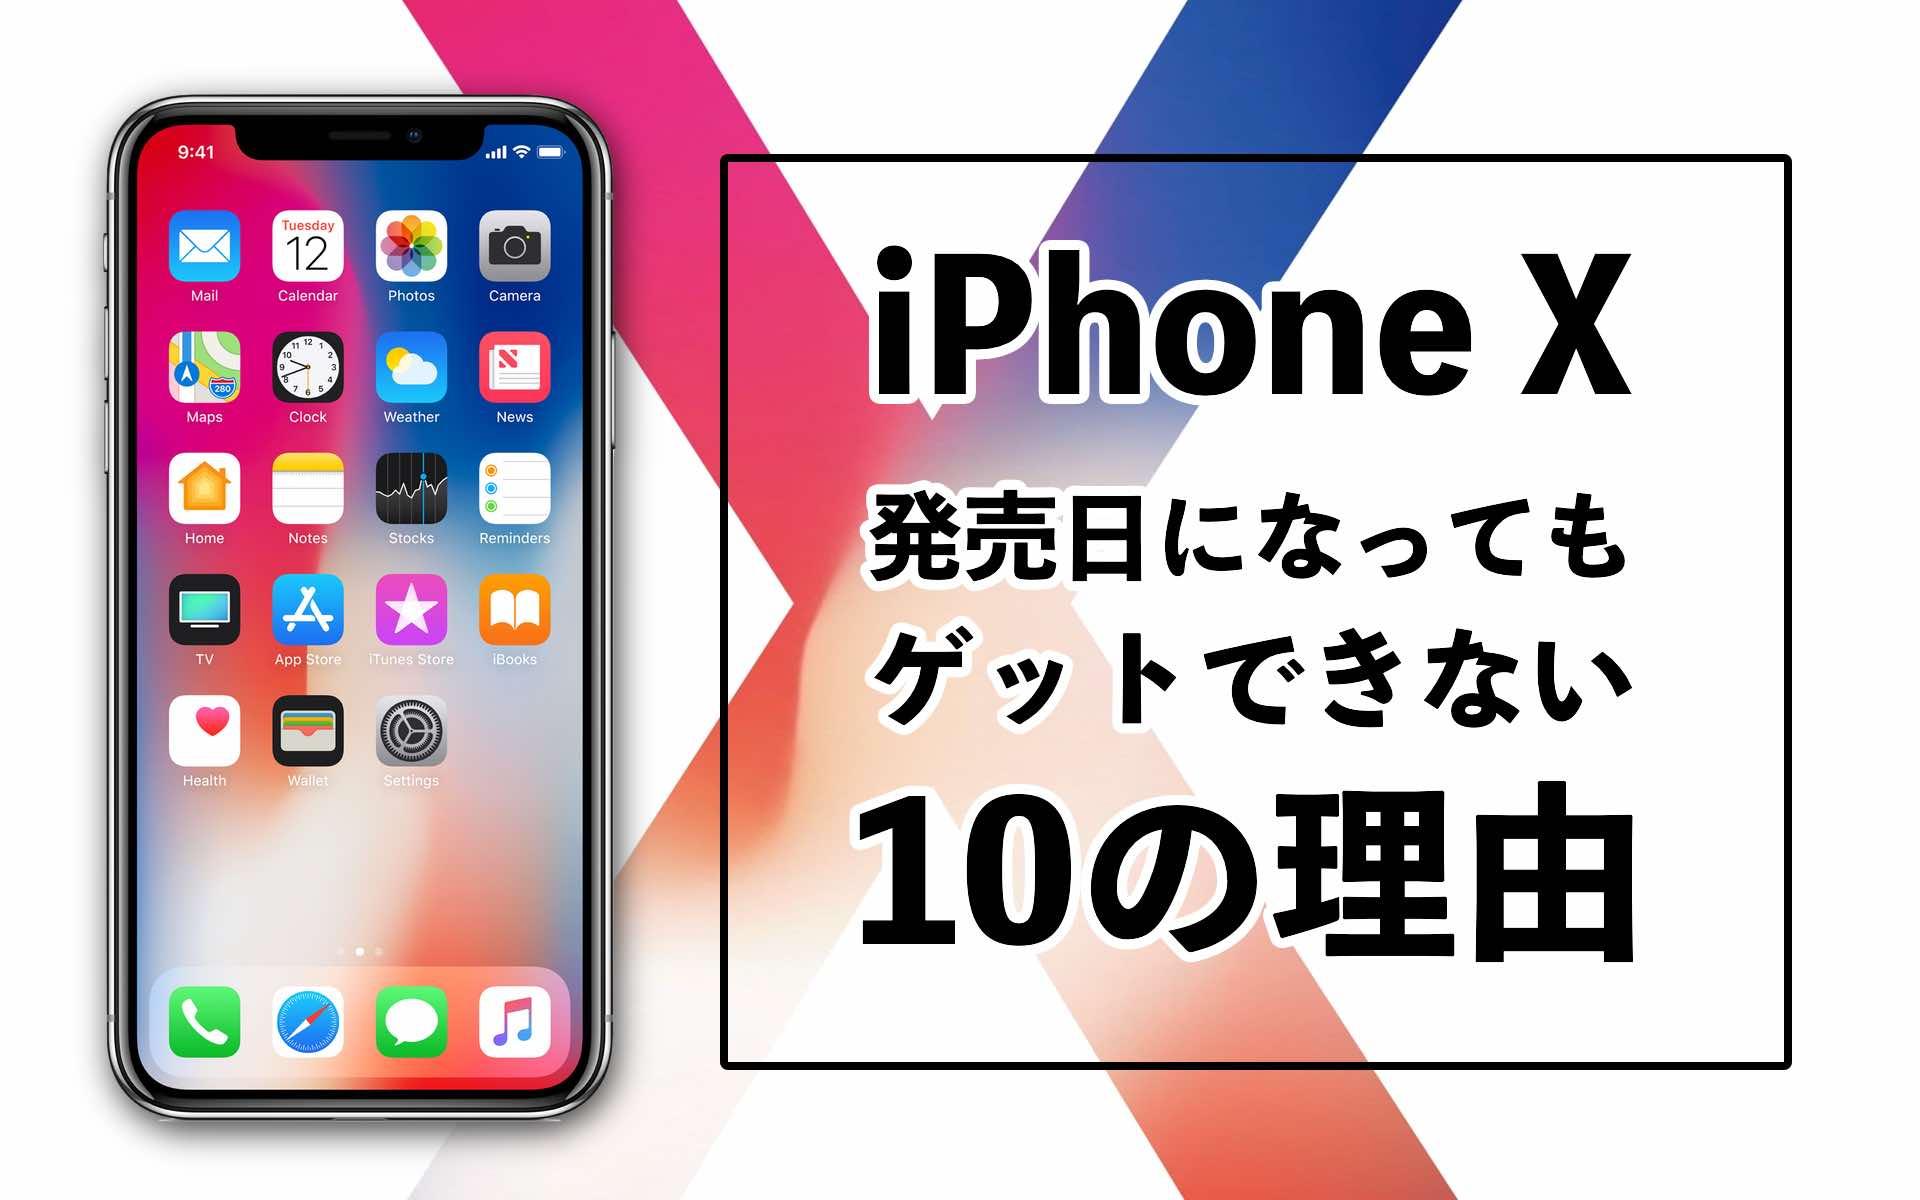 iPhoneXゲットできない10の理由のアイキャッチ